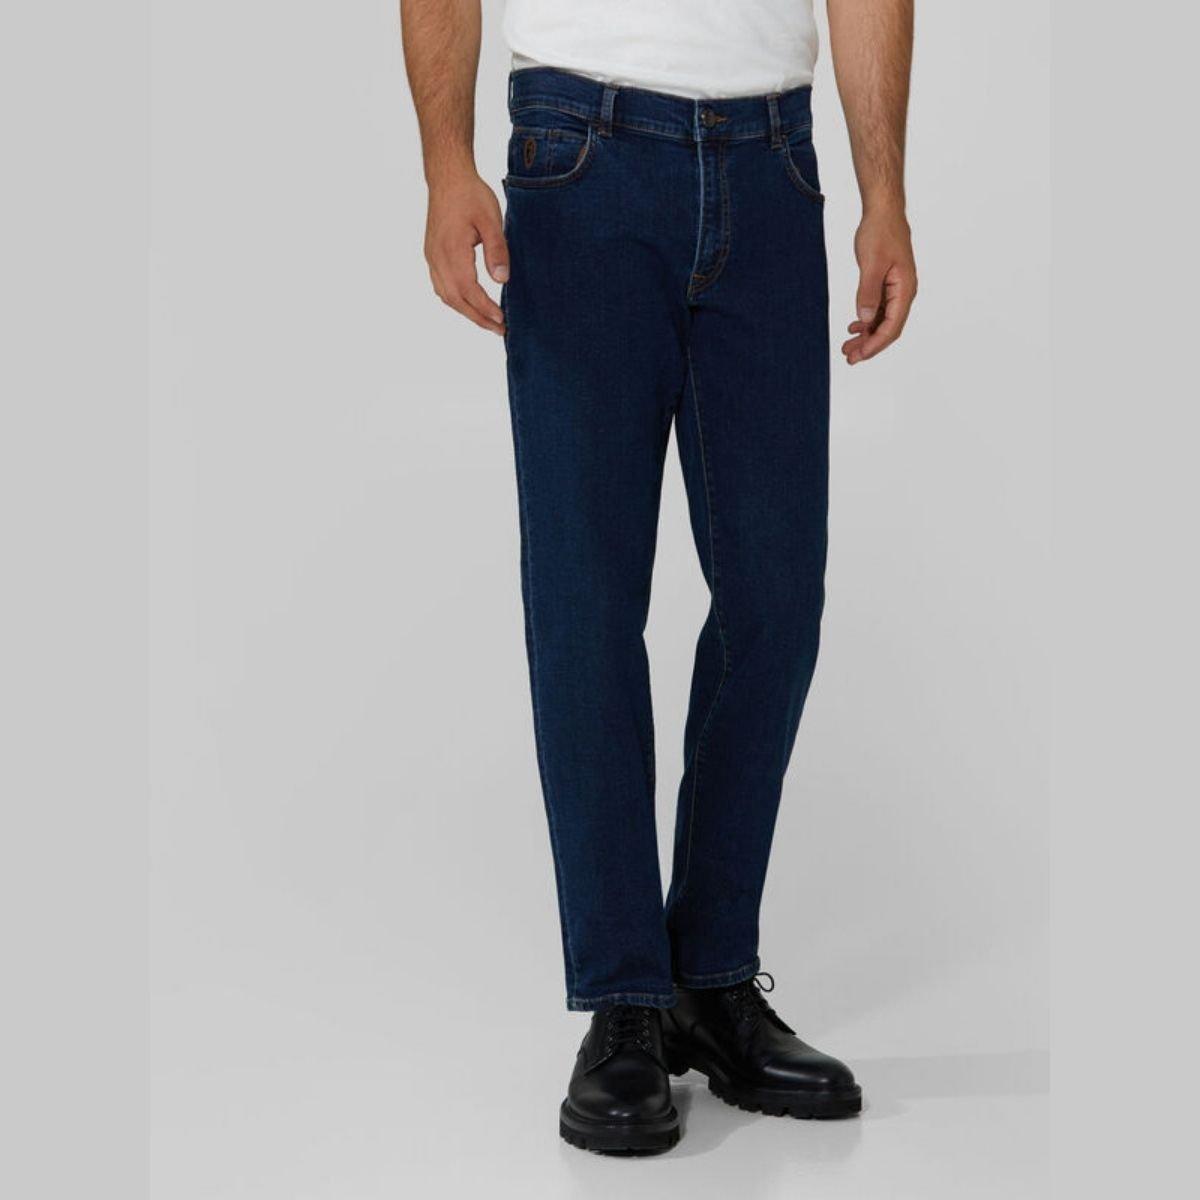 Jeans Trussardi 5 Tasche...